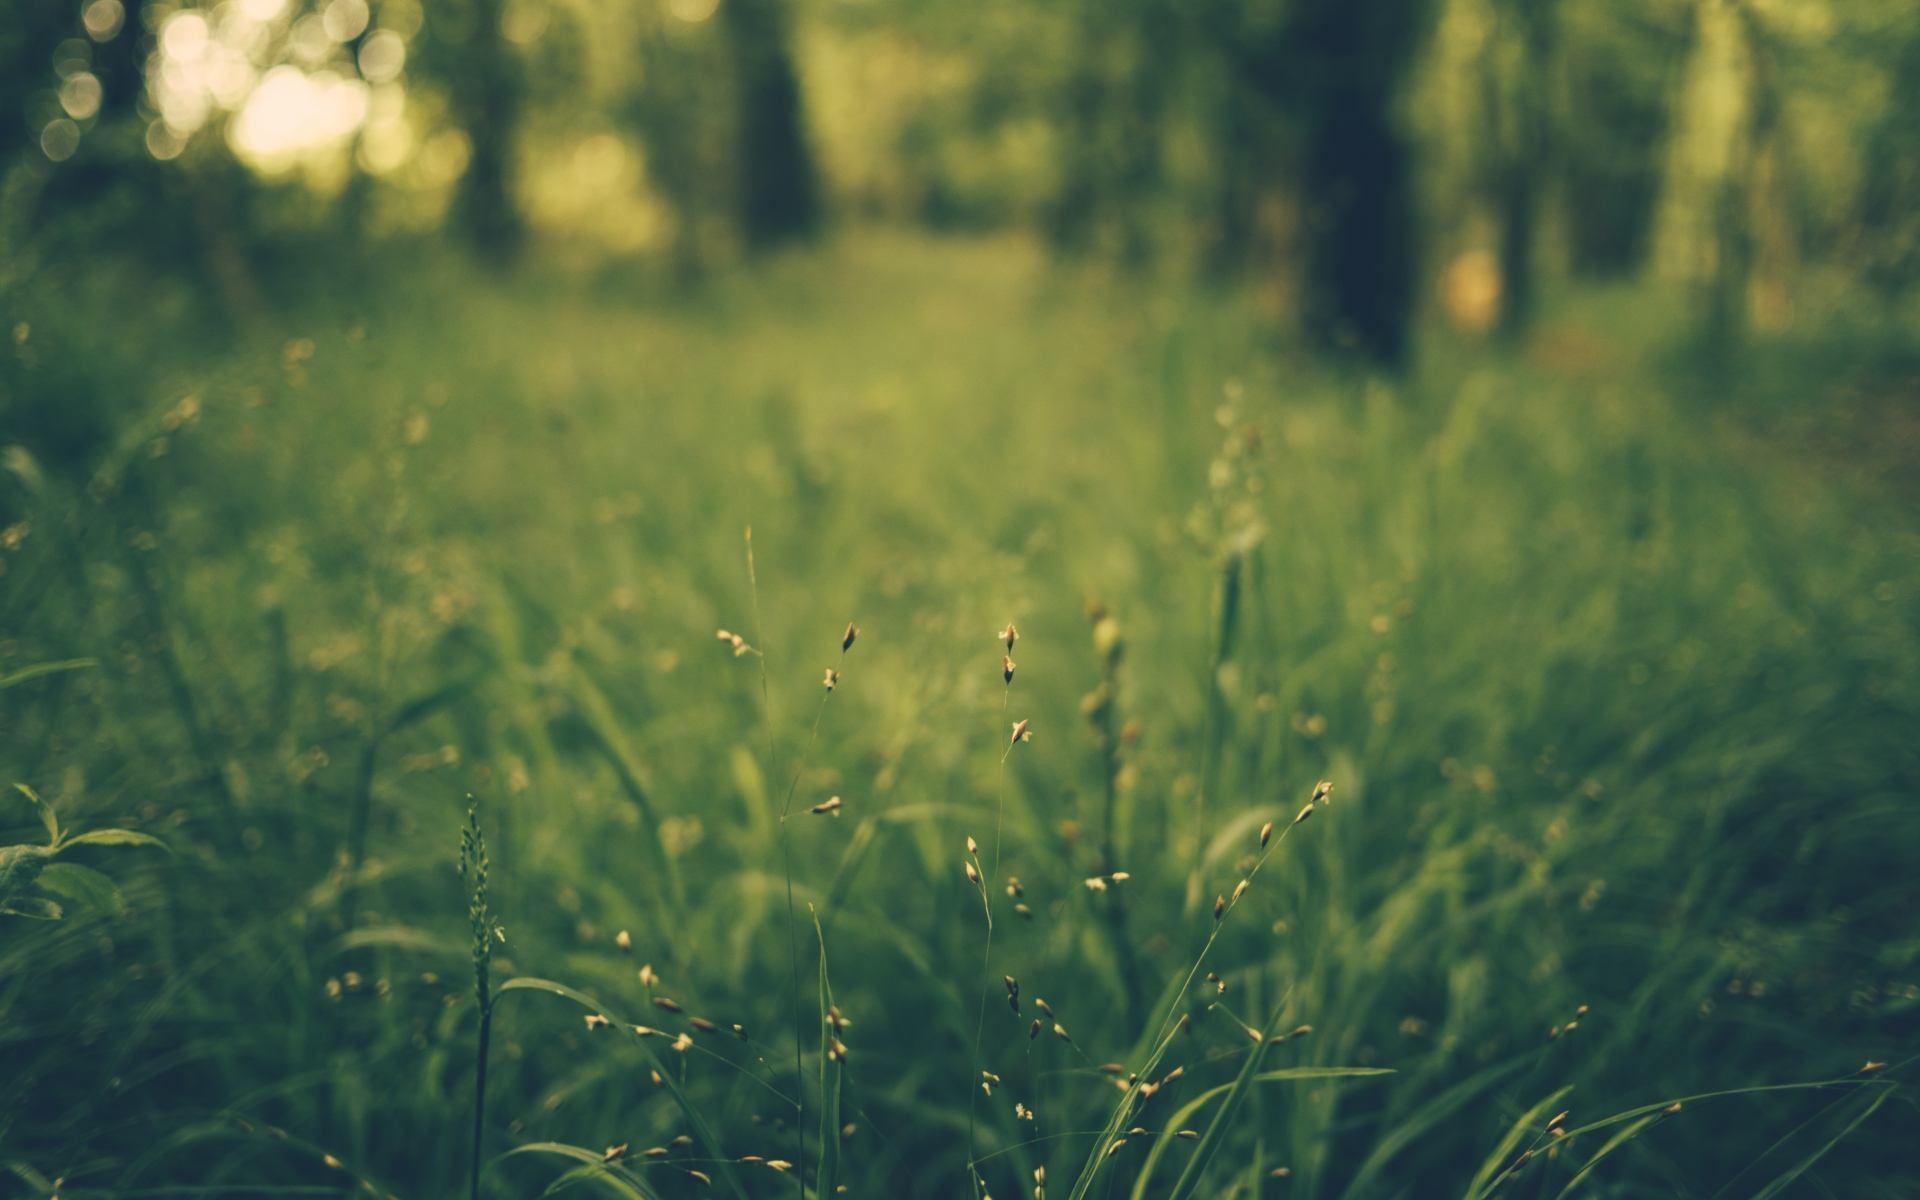 追寻美好生活的感悟生活语录:我知道我心里的太阳不会再离开了